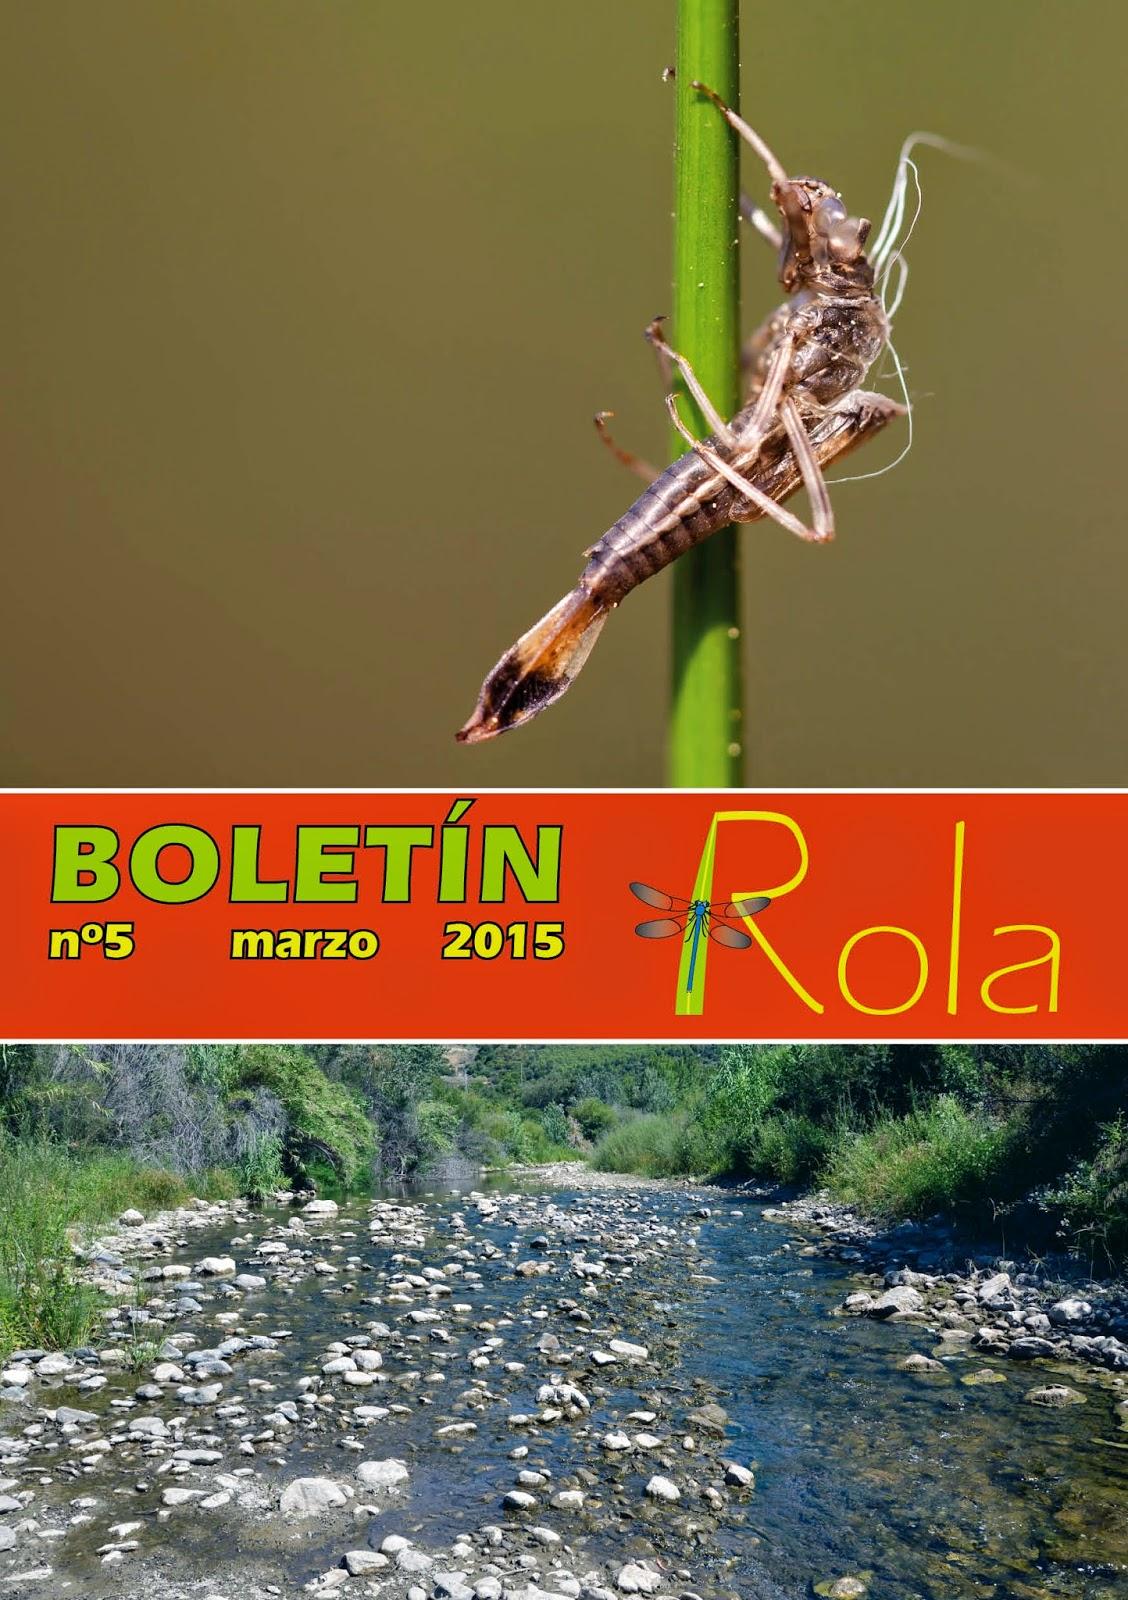 Boletín de la ROLA nº 5, marzo 2015